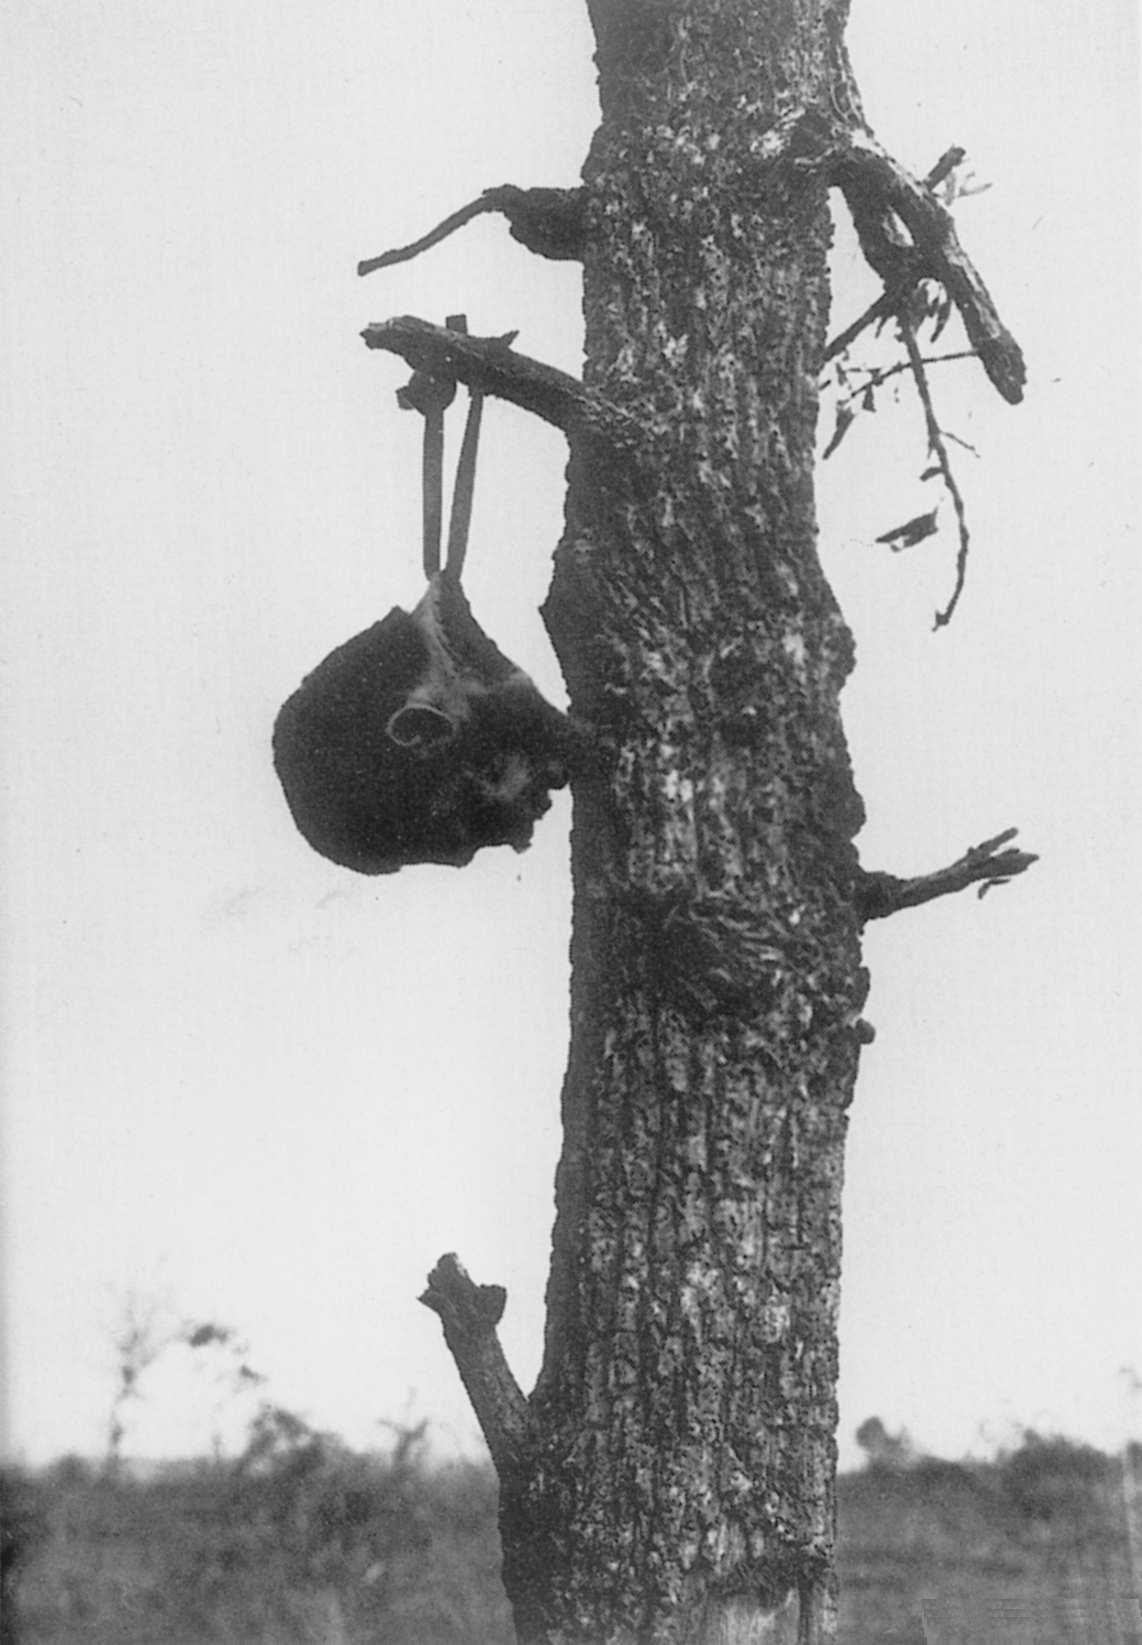 吊るされる日本兵の首。(1945年ビルマ、アメリカ軍撮影とされてる)